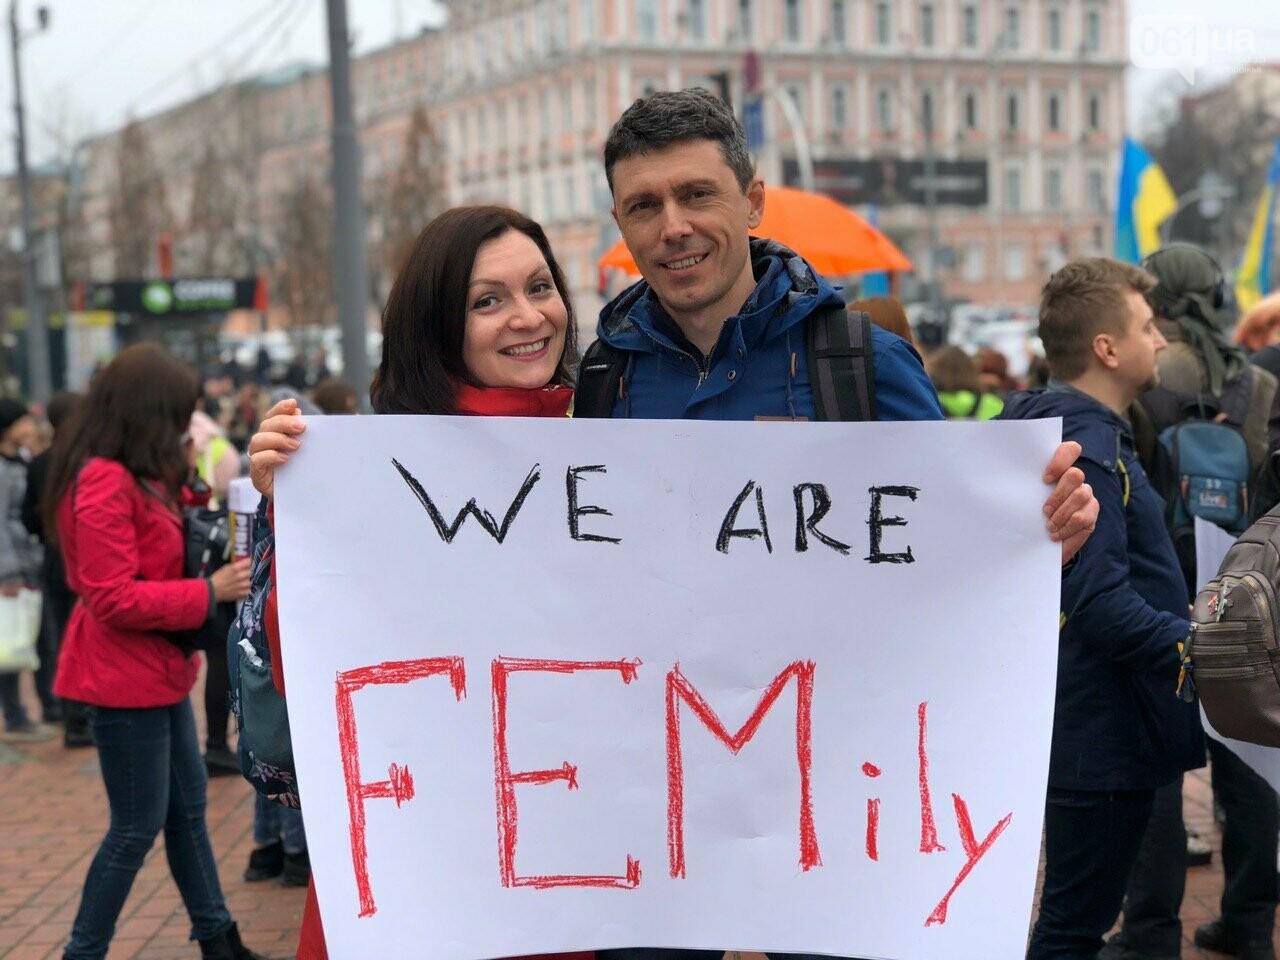 5 историй запорожцев, которые вышли на Марш женщин в Киеве: почему для них это важно, - ФОТОРЕПОРТАЖ, фото-1